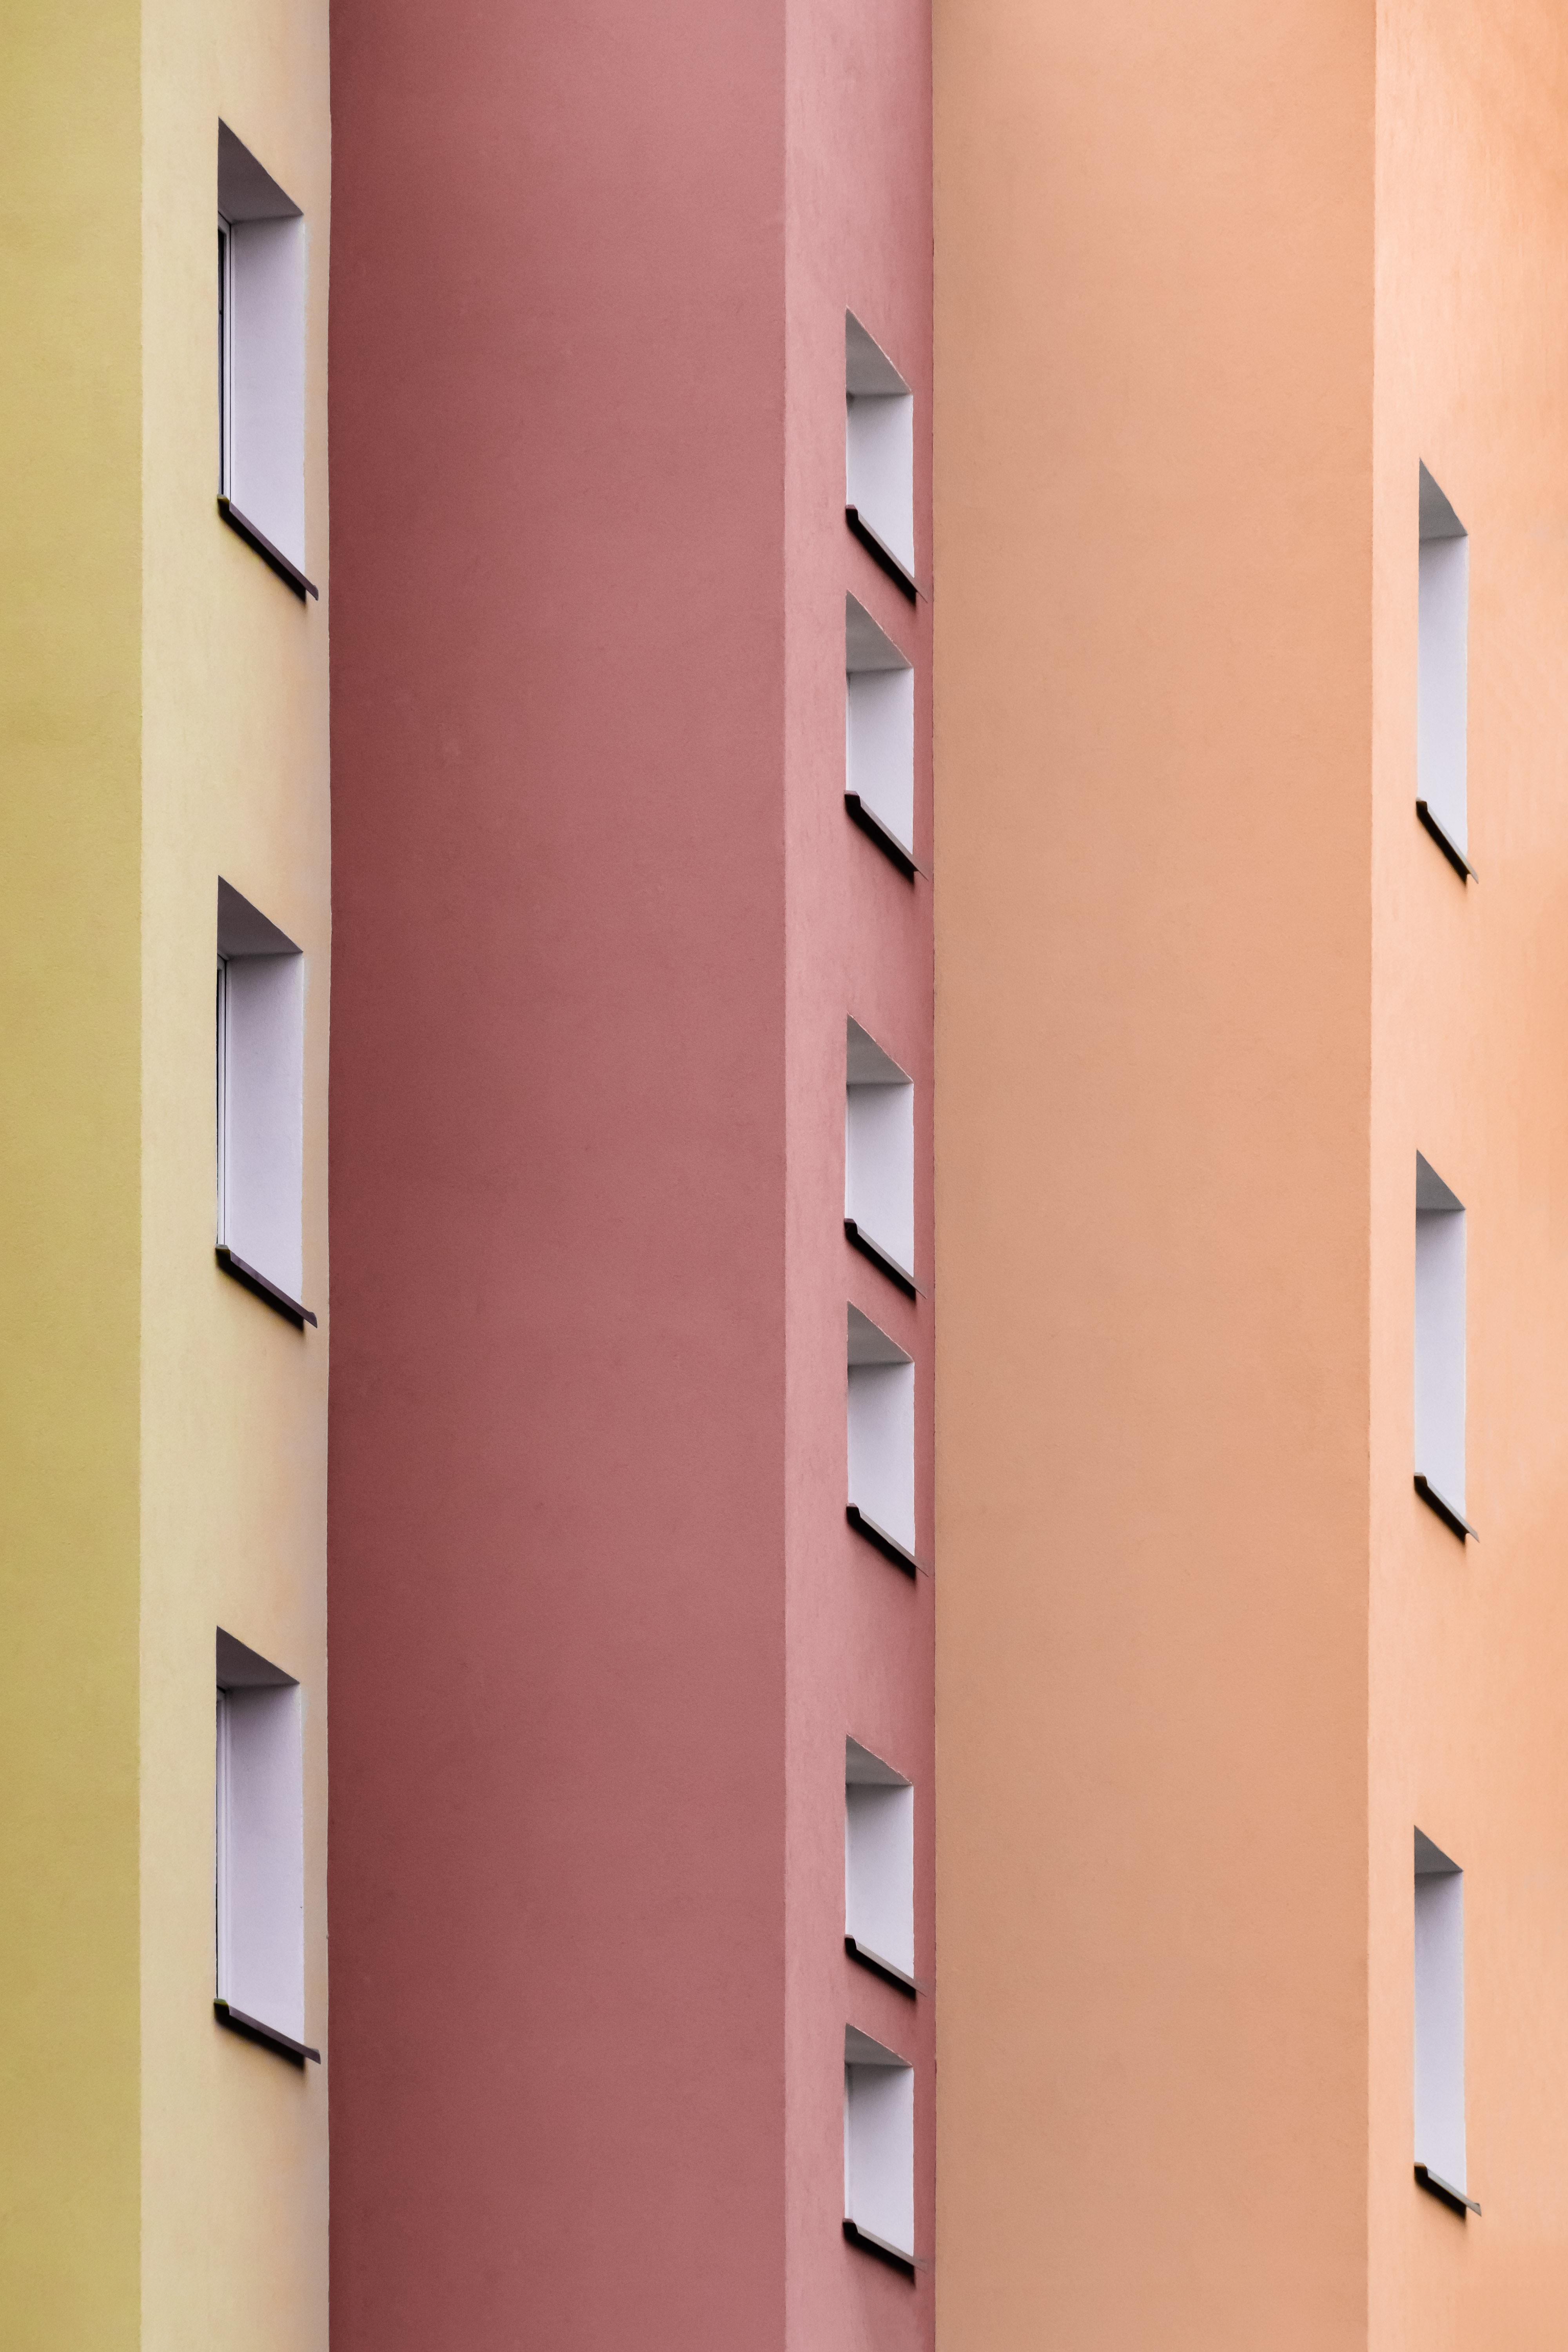 71102 скачать обои Окна, Стены, Архитектура, Разноцветный, Минимализм, Здание, Симметрия - заставки и картинки бесплатно